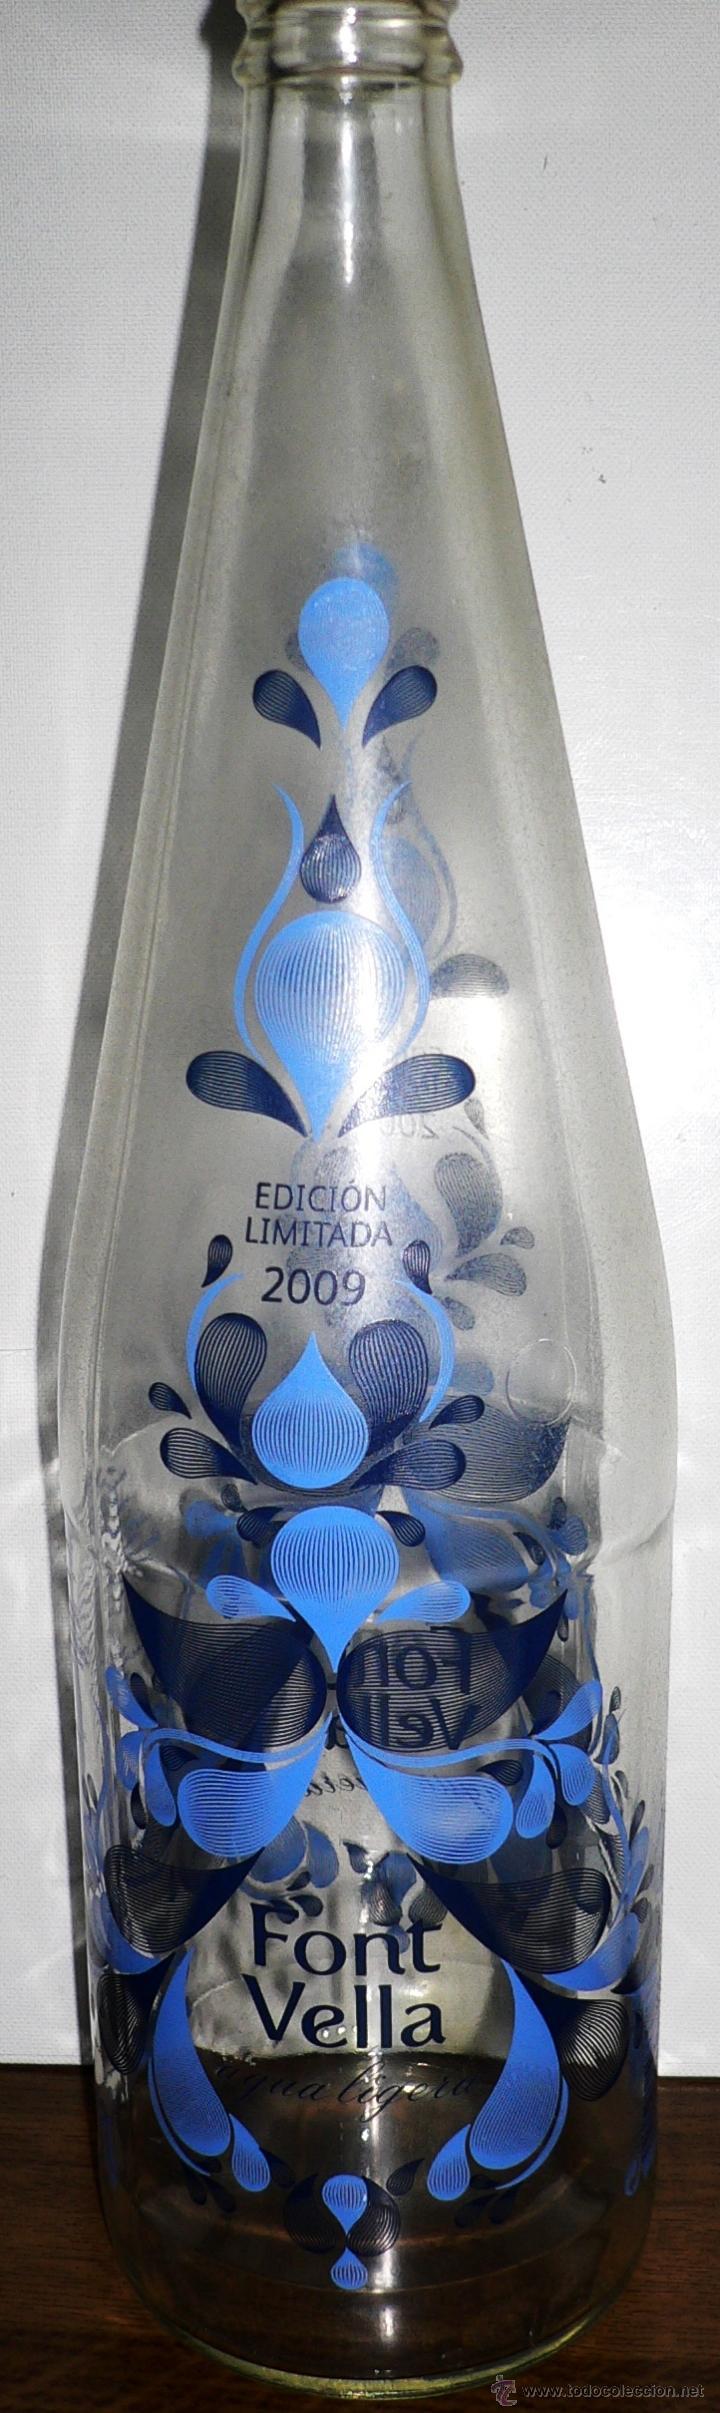 BOTELLA DE AGUA VACÍA Y SIN CHAPA. FONT VELLA. EDICIÓN LIMITADA 2009 (Coleccionismo - Botellas y Bebidas - Botellas Antiguas)